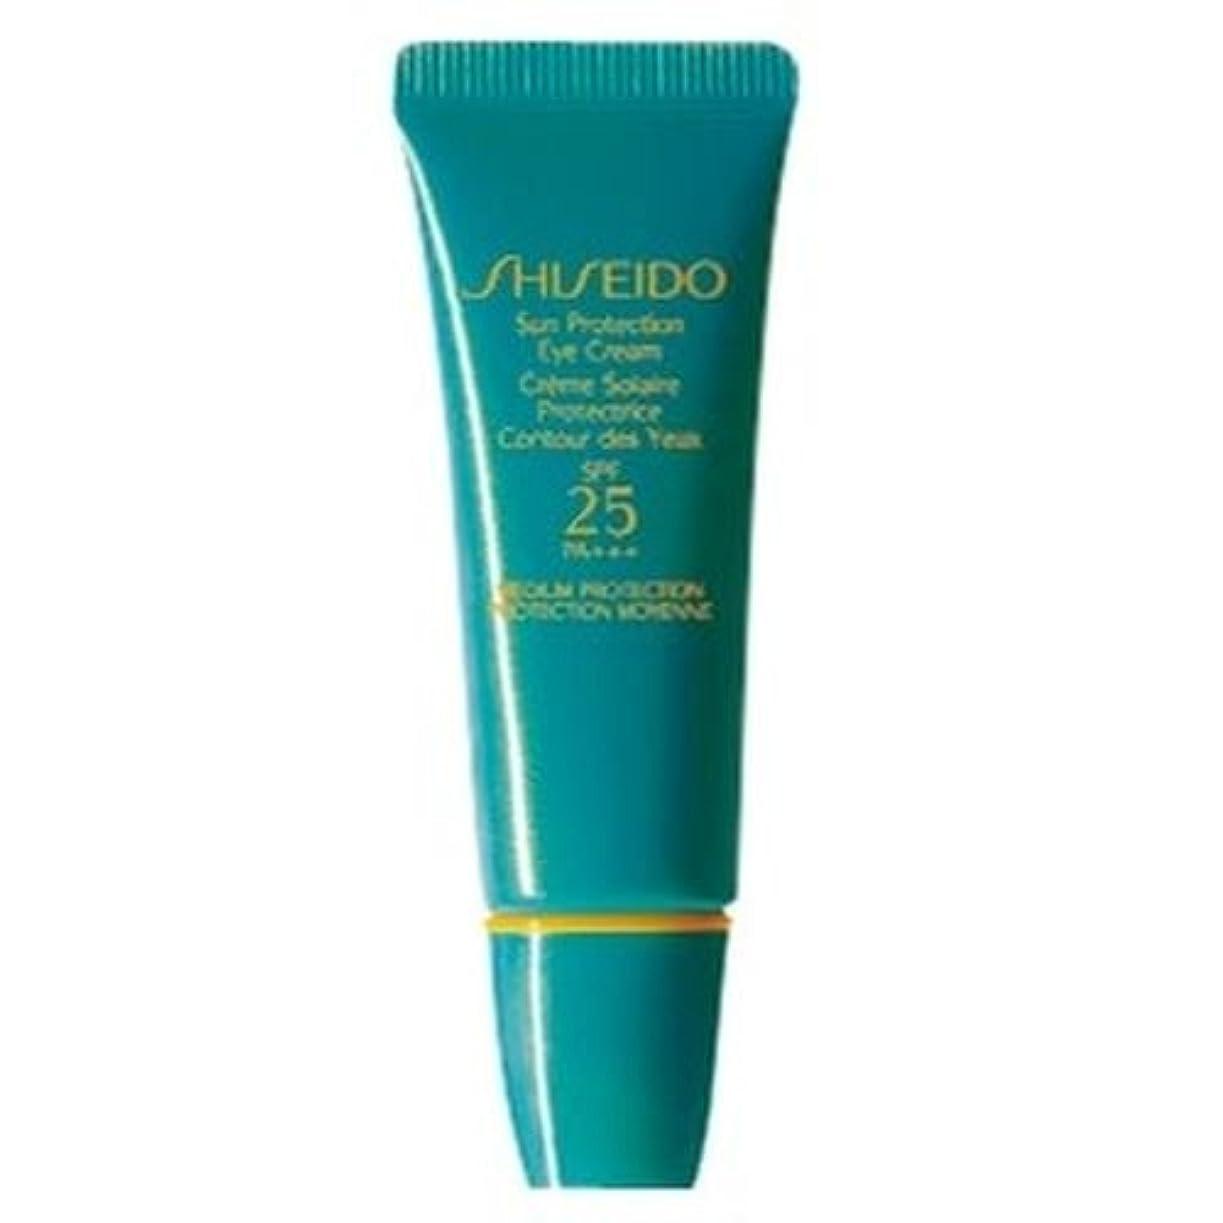 コールたくさんの幅[Shiseido] 資生堂サンプロテクションアイクリーム15ミリリットル - Shiseido Sun Protection Eye Cream 15ml [並行輸入品]